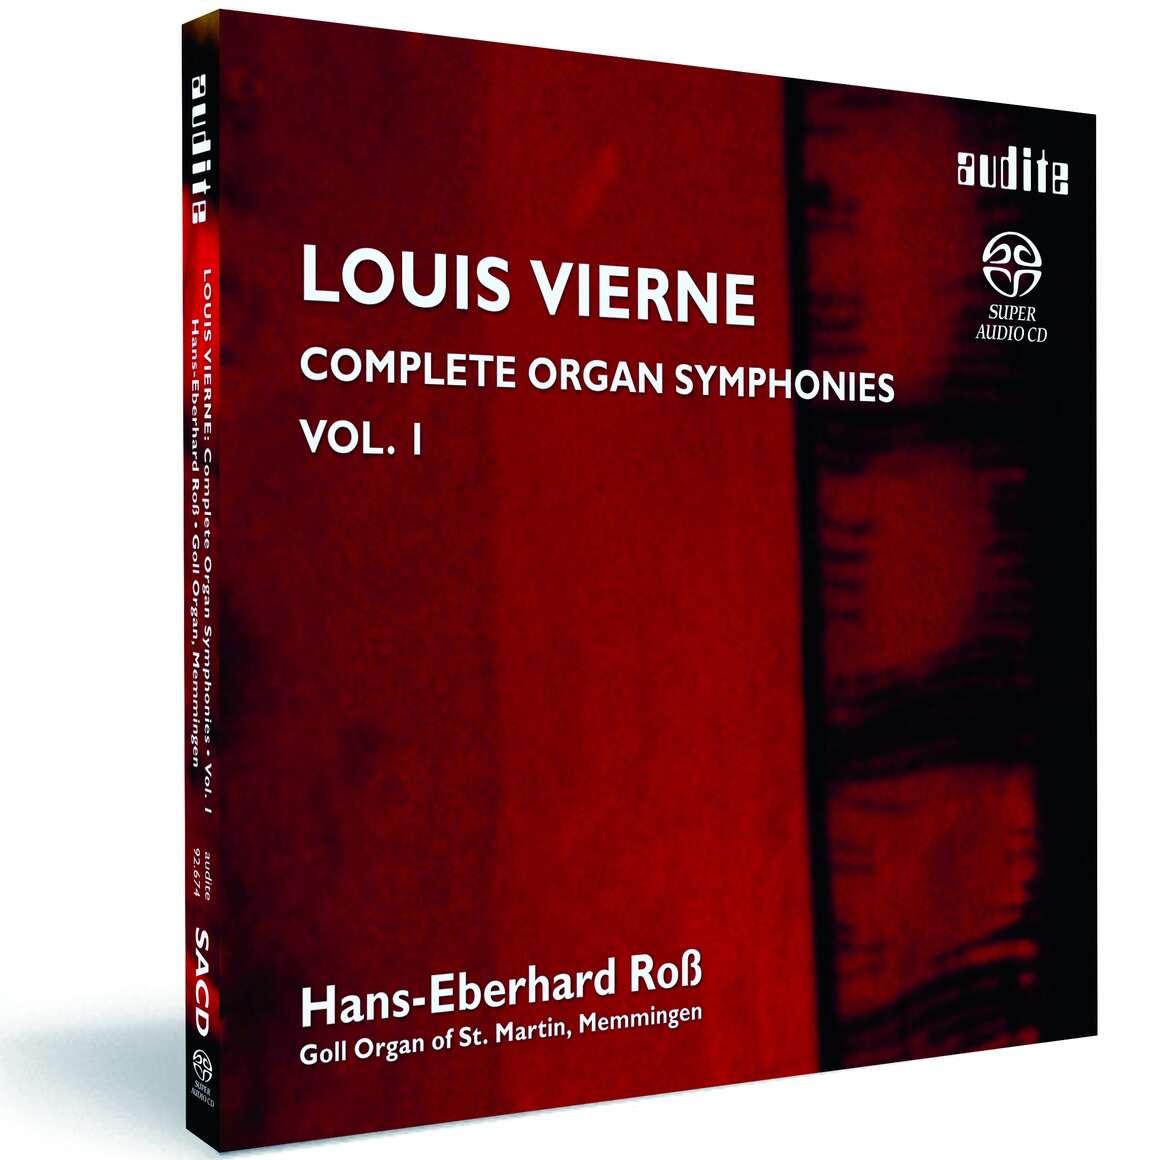 Louis Vierne: Organ Symphonies op. 14 & op. 20